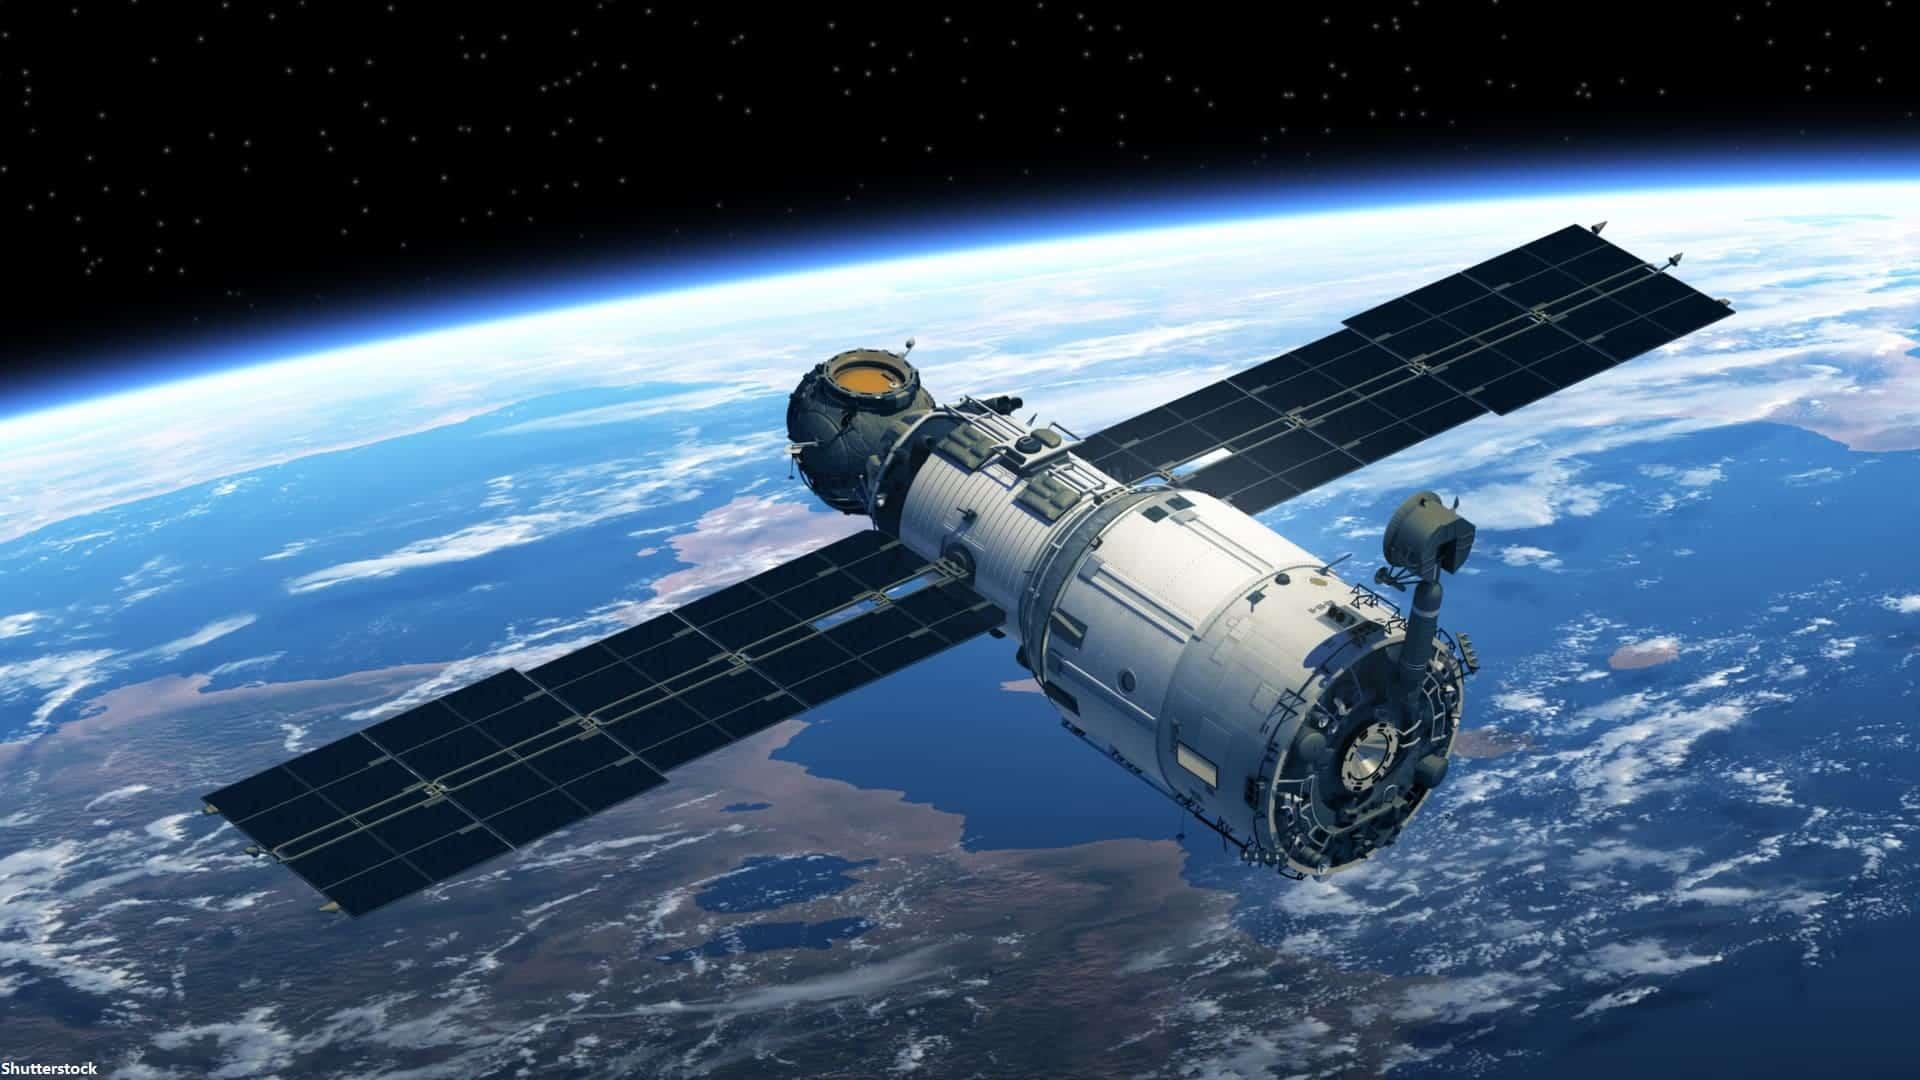 nasa satellite images - HD1920×1080